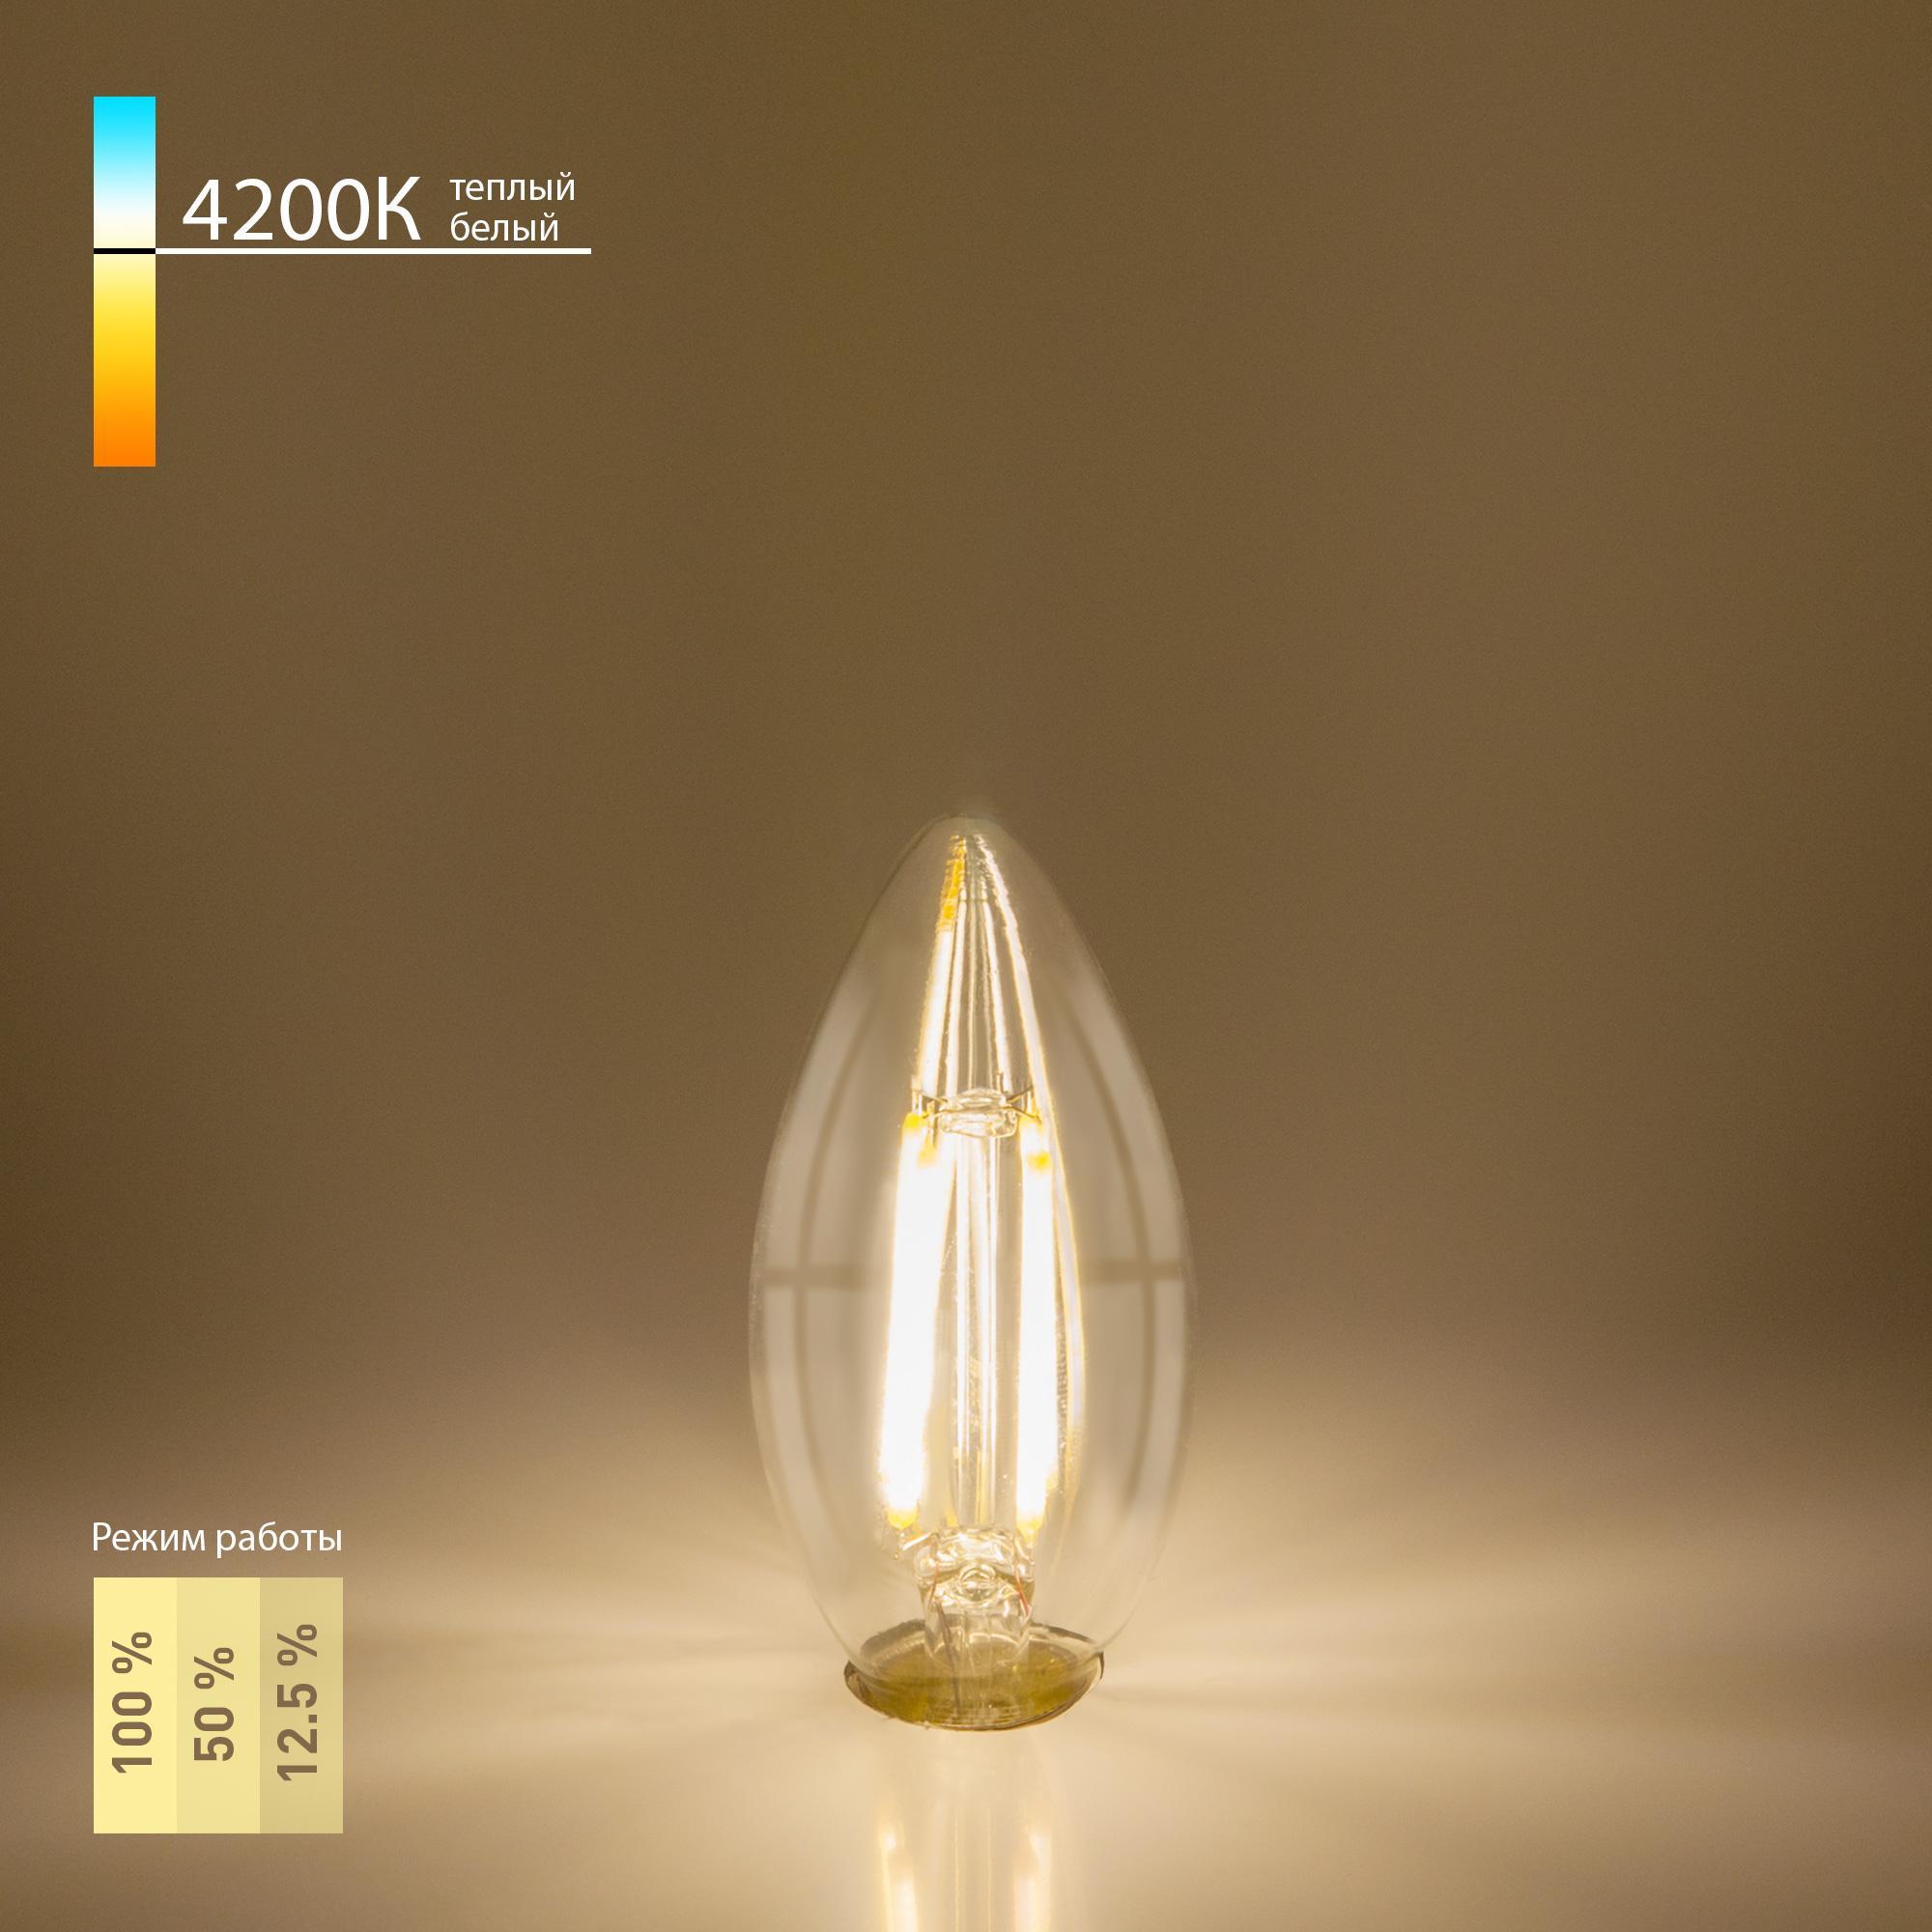 Dimmable BL134 5W 4200K E14 (C35 прозрачный)